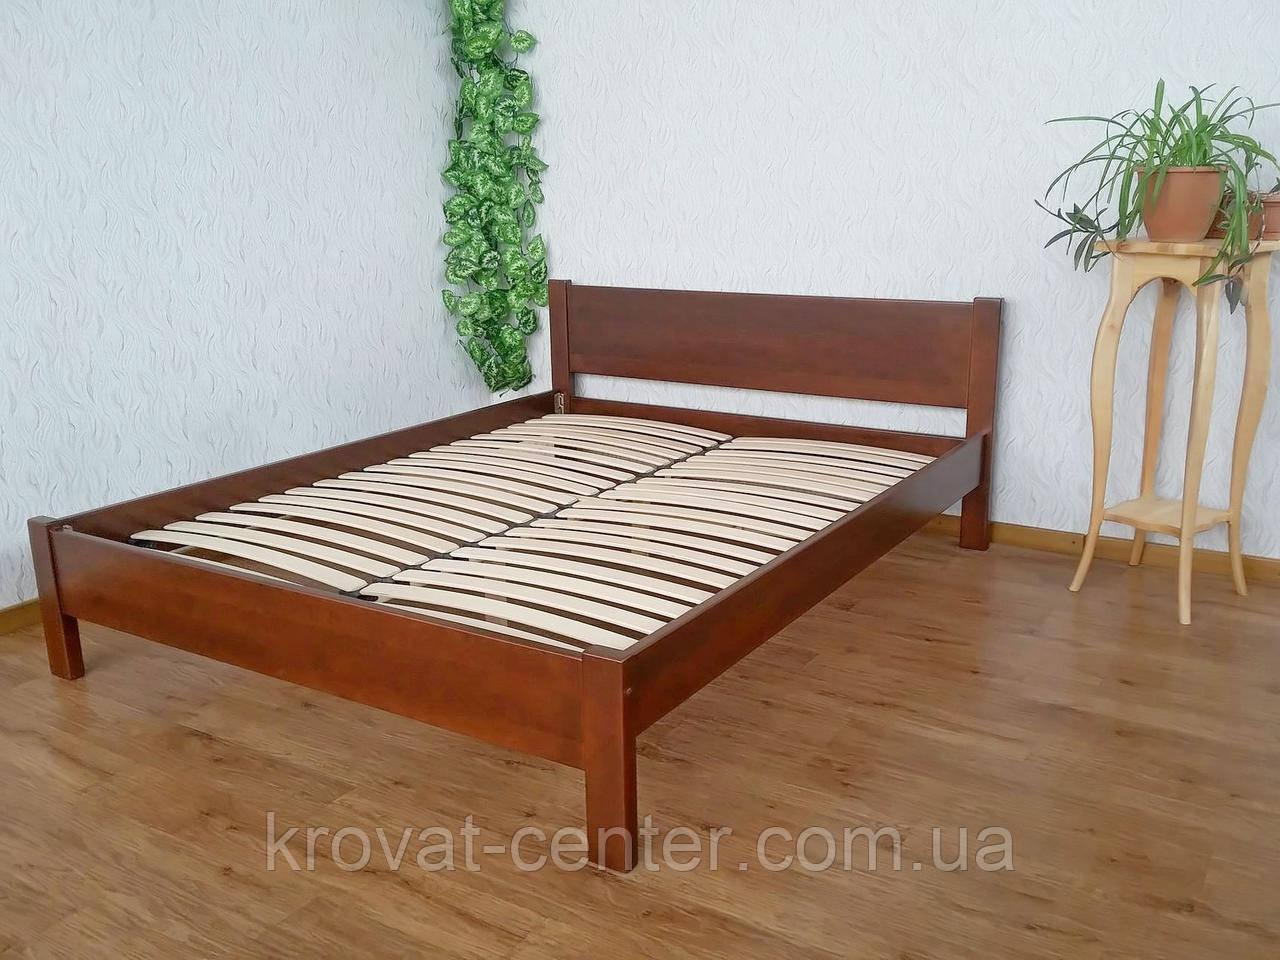 """Двуспальная кровать из натурального дерева """"Эконом"""" от производителя"""